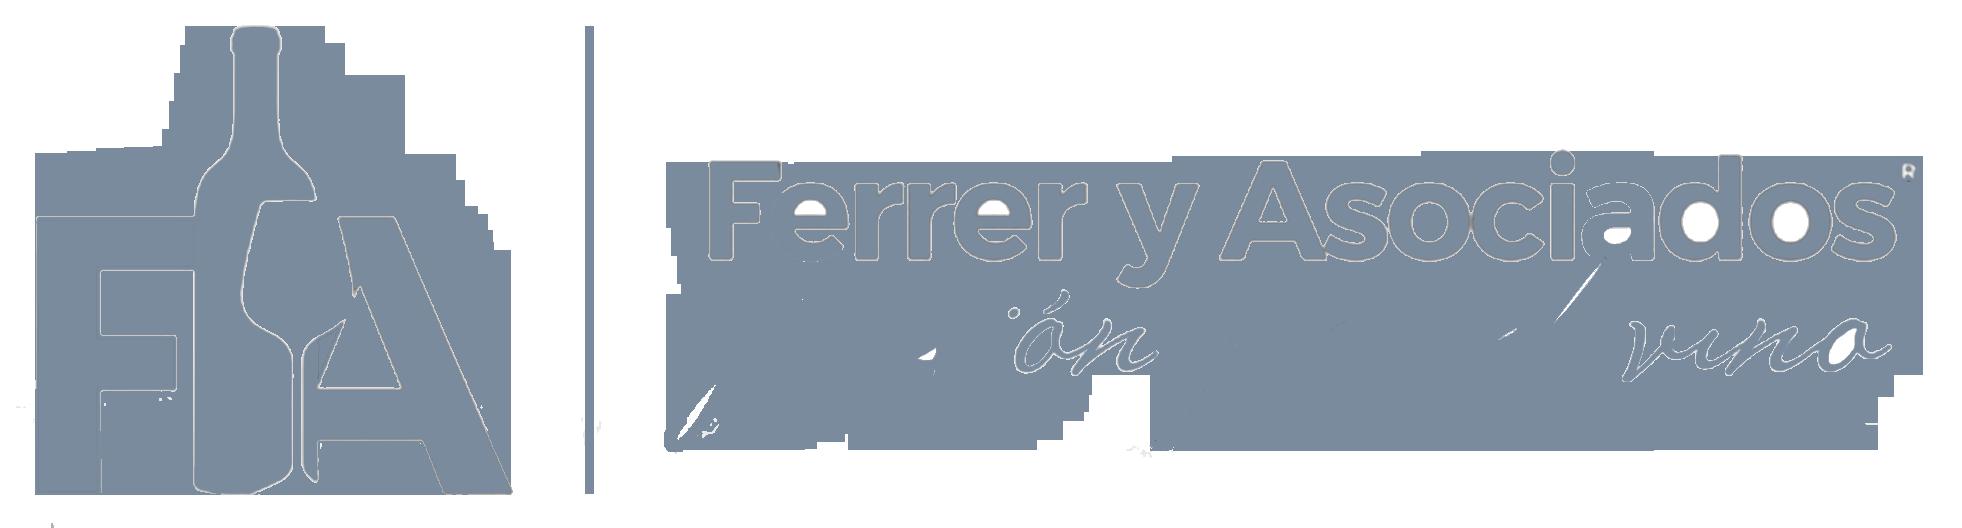 Ferrer y Asociados